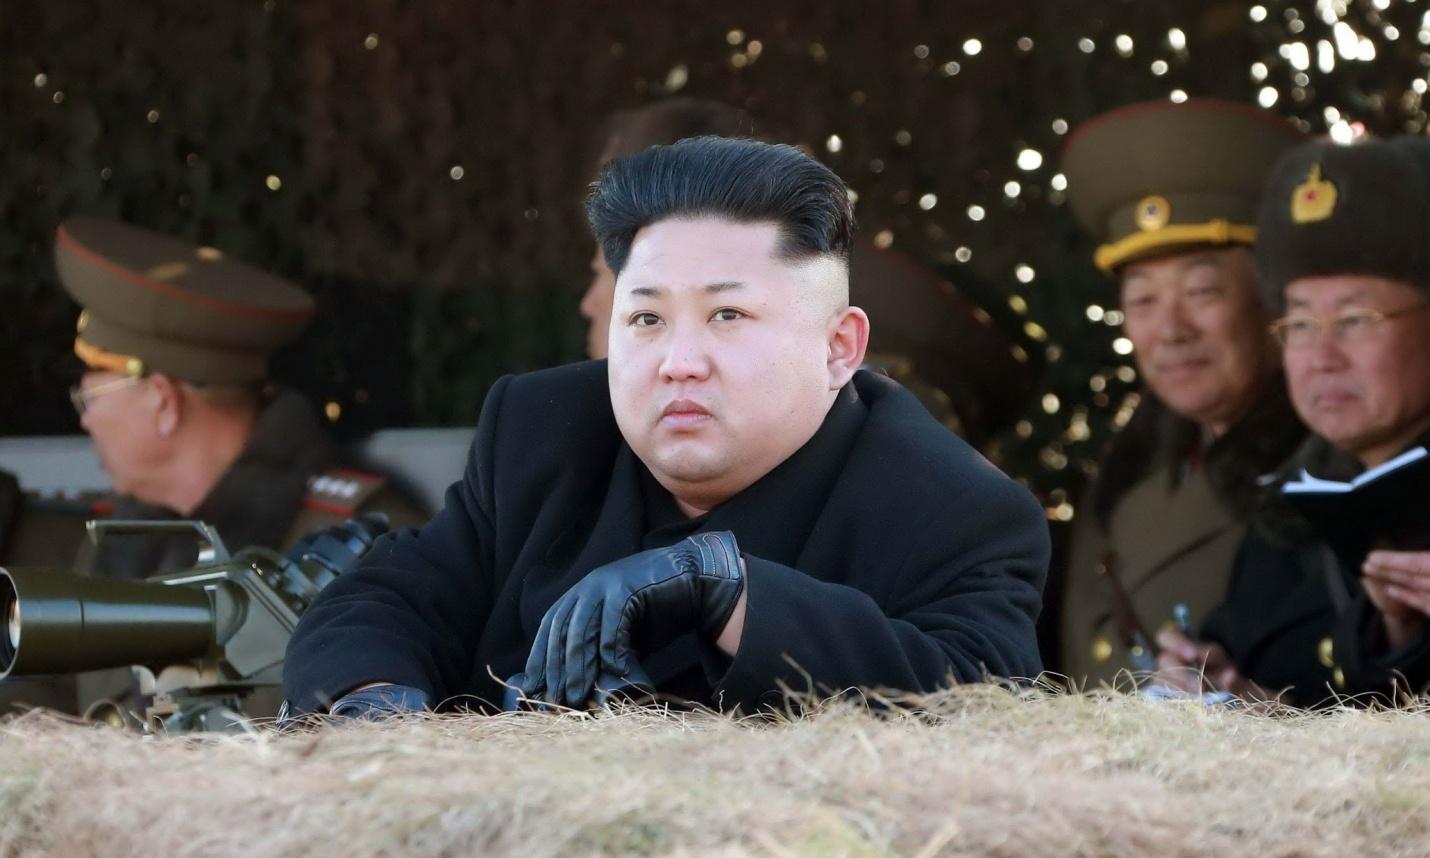 مدل موهای رهبر کره شمالی جاذبه را قلقلک داد!